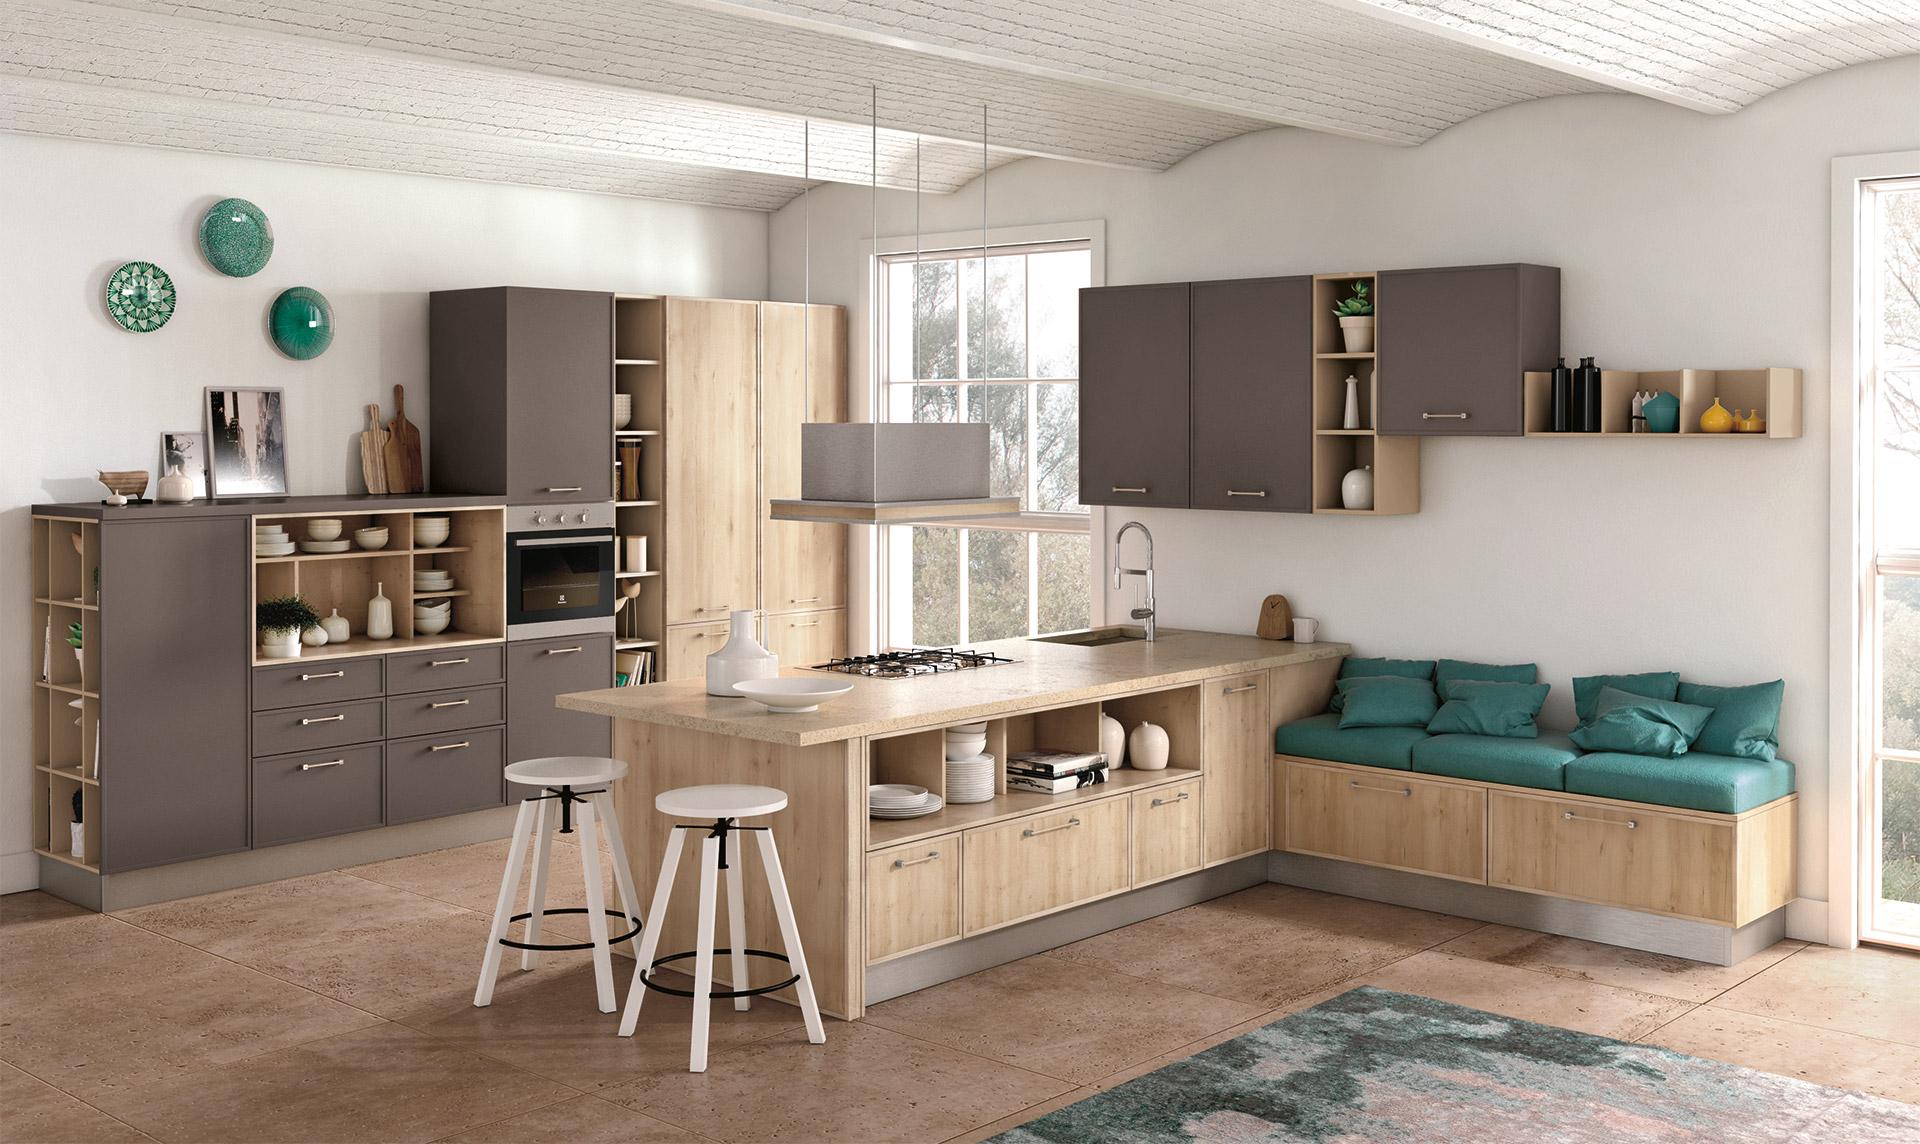 Cucine savona lube scegli la cucina perfetta for Cucine per cucinare